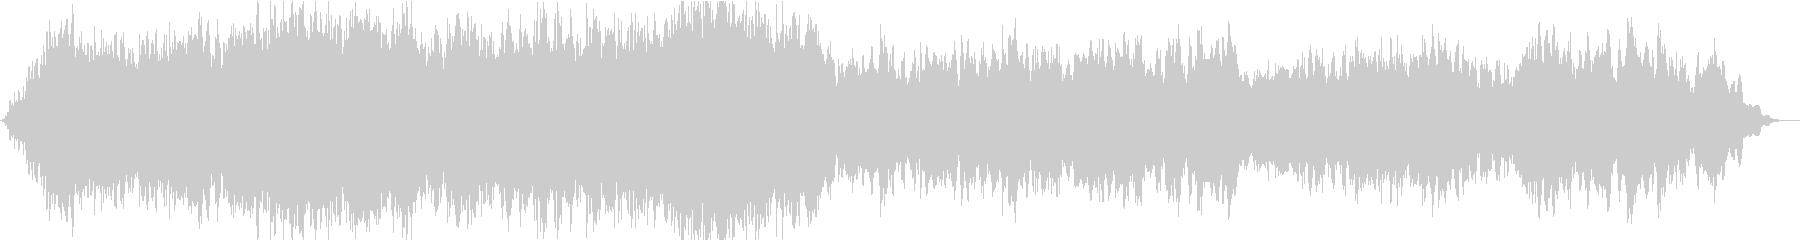 ソルフェジオ周波数による瞑想的な曲の未再生の波形